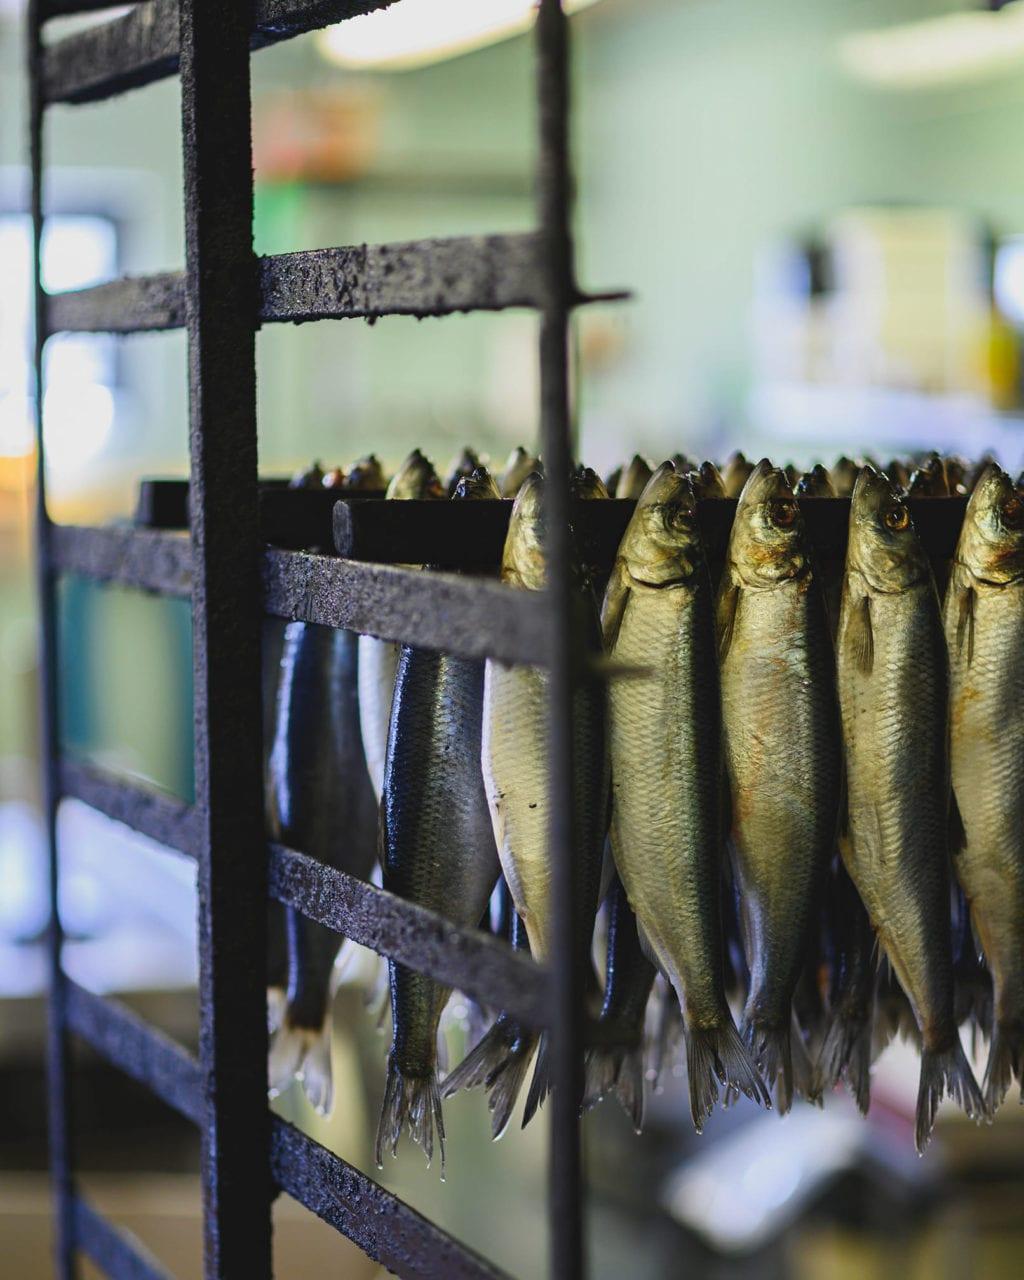 Kaseberga fish